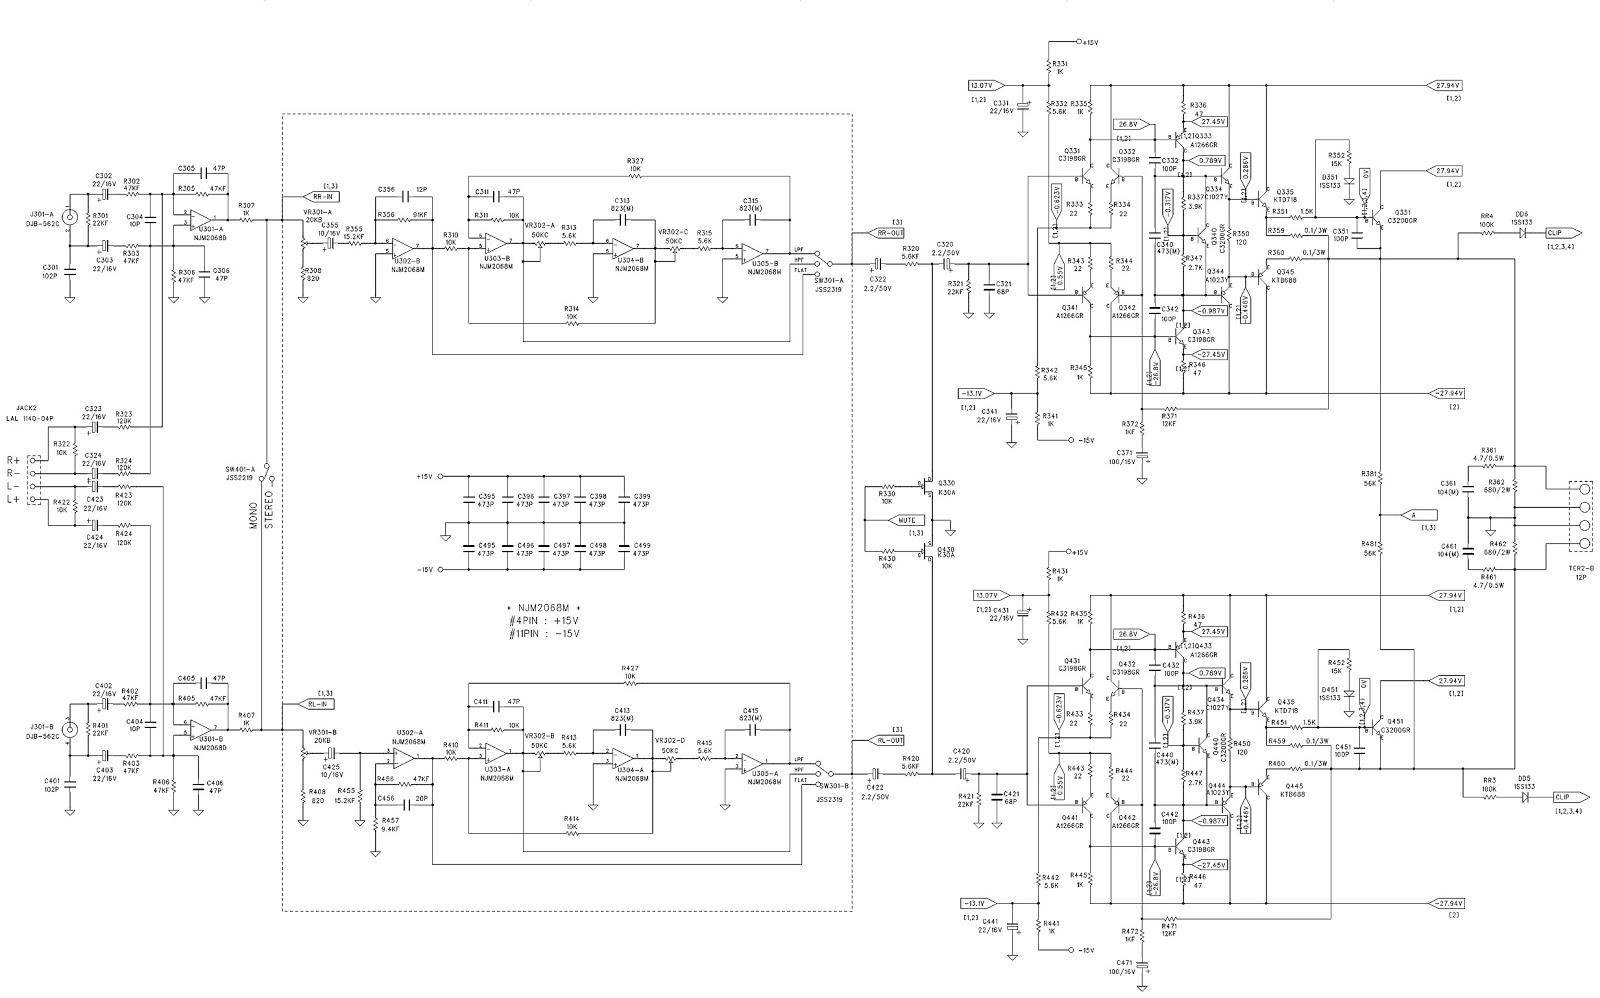 pre 2 diagrams 750945 dual amp wiring diagram amplifier wiring shaker 1000 subwoofer wiring diagram at readyjetset.co